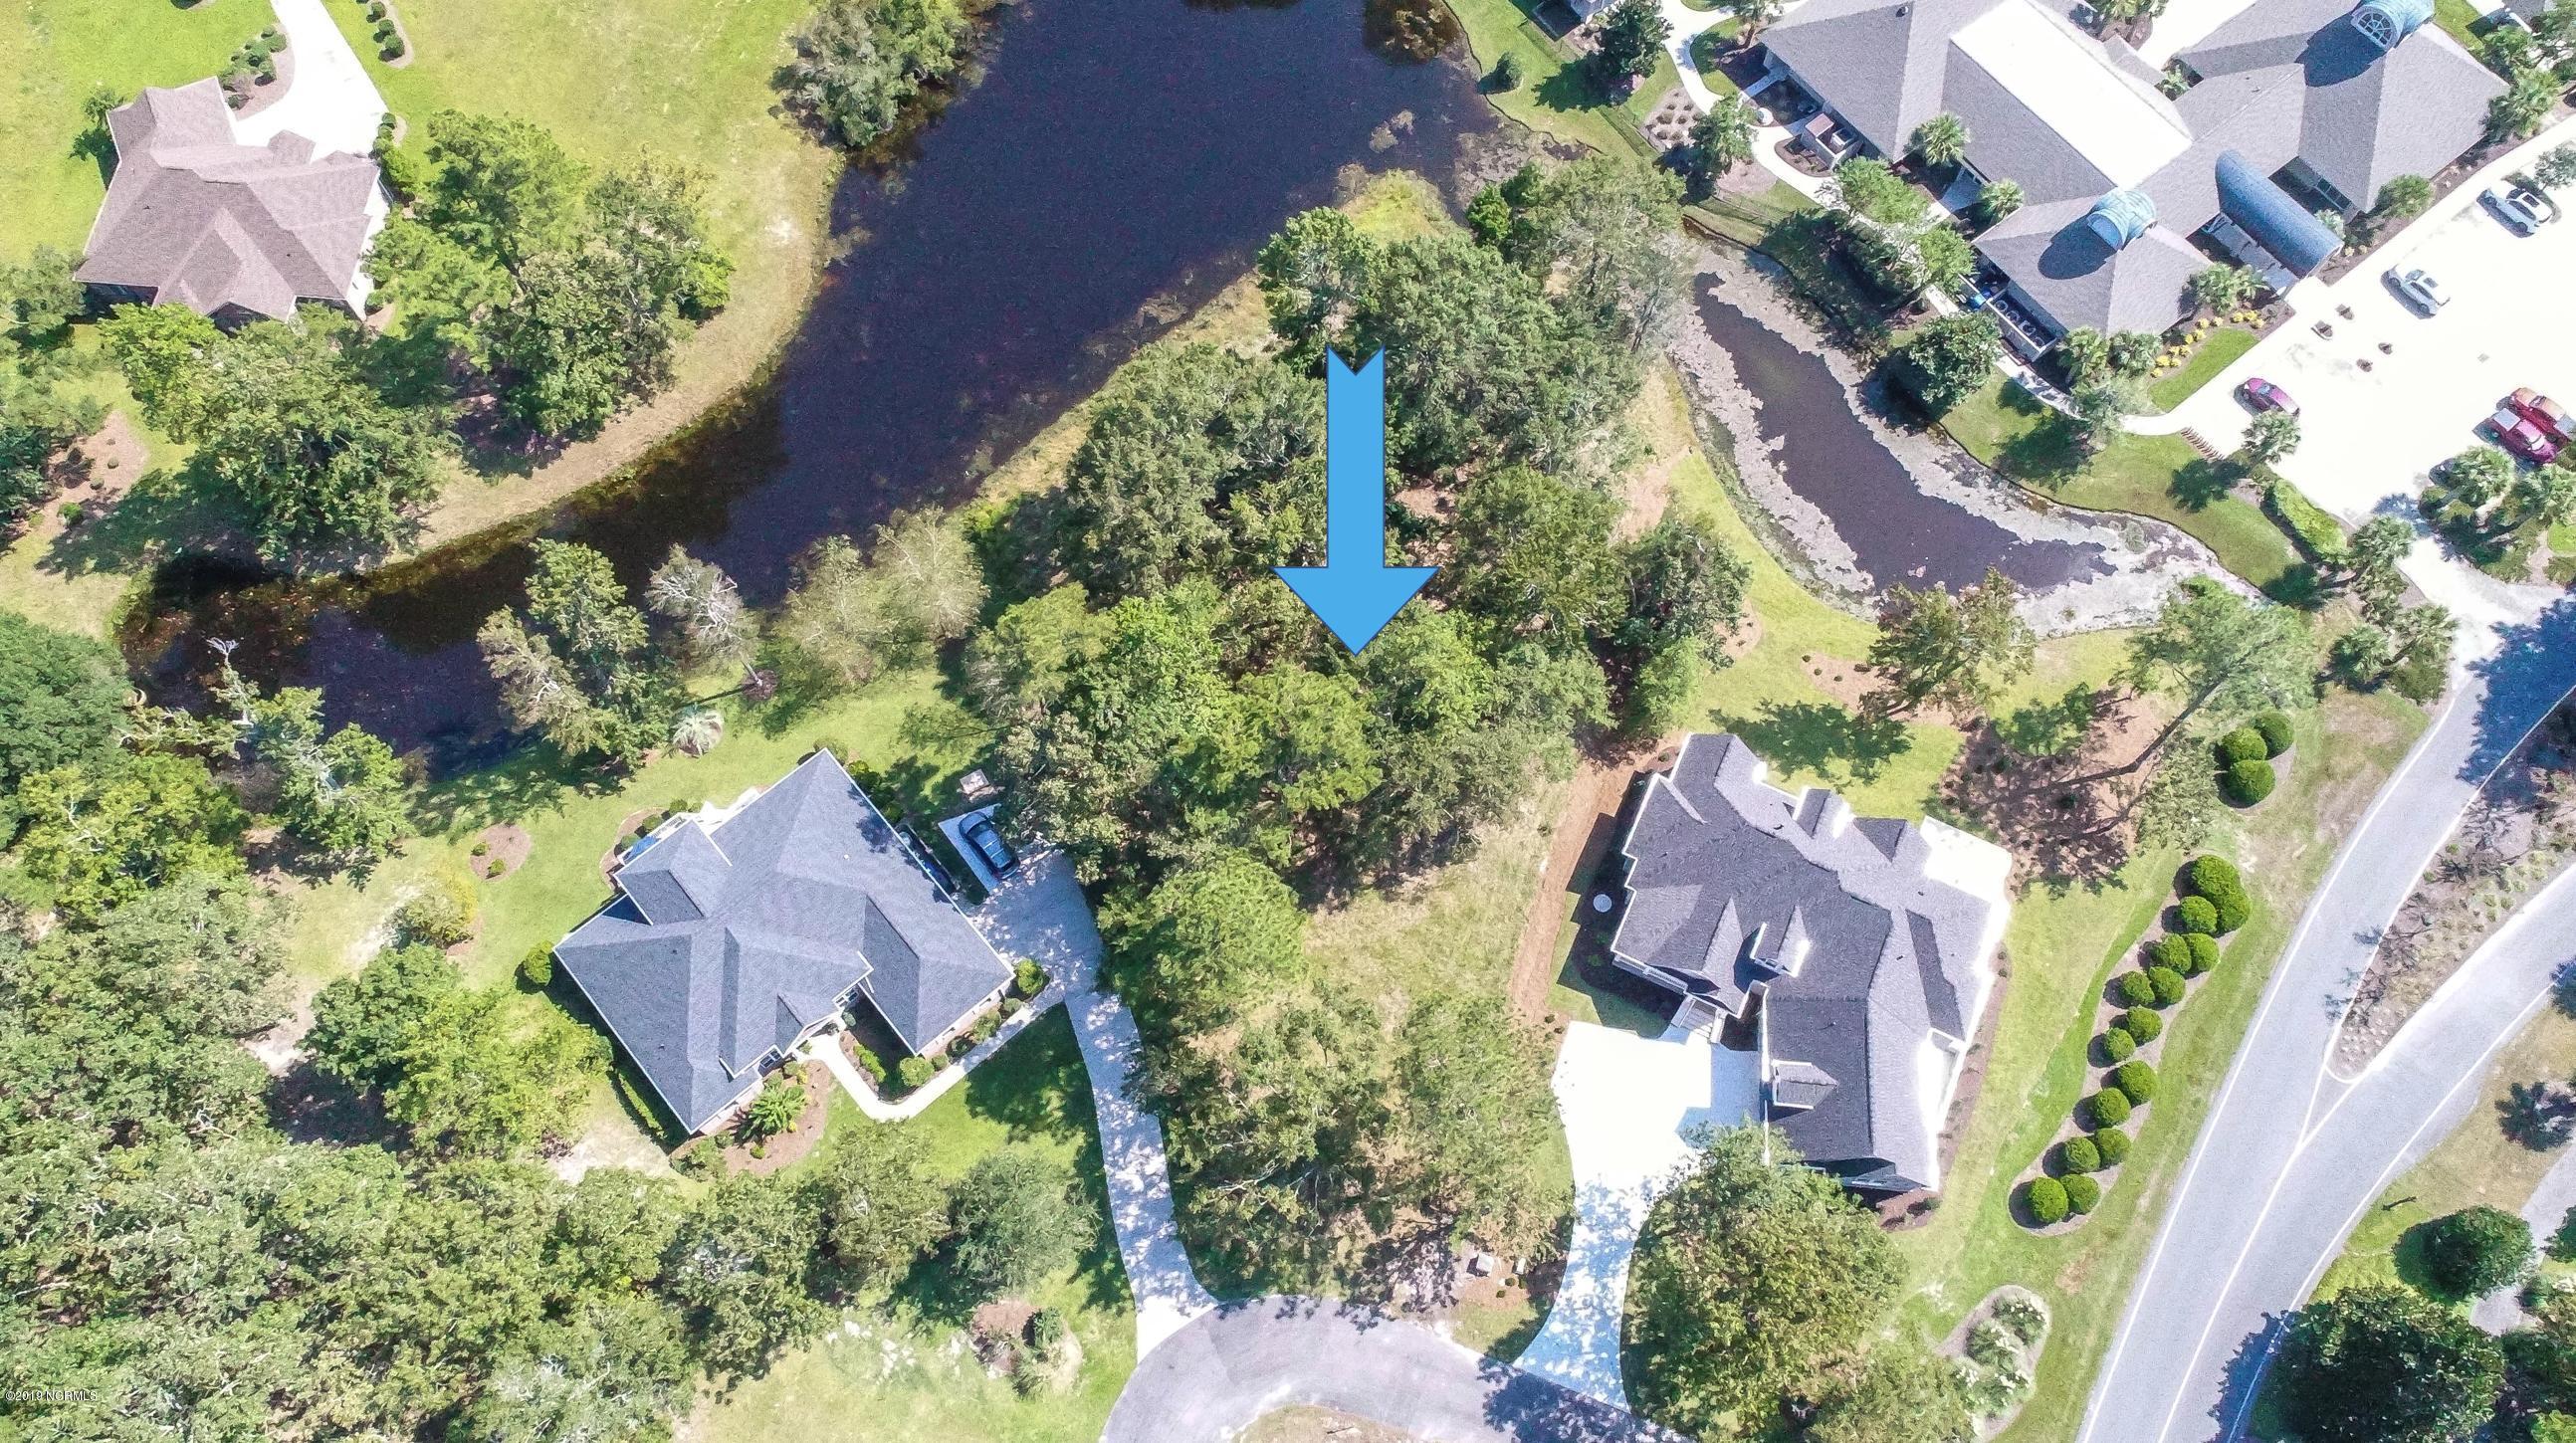 6745 Cardiff Notch, Ocean Isle Beach, North Carolina 28469, ,Residential land,For sale,Cardiff Notch,100179927